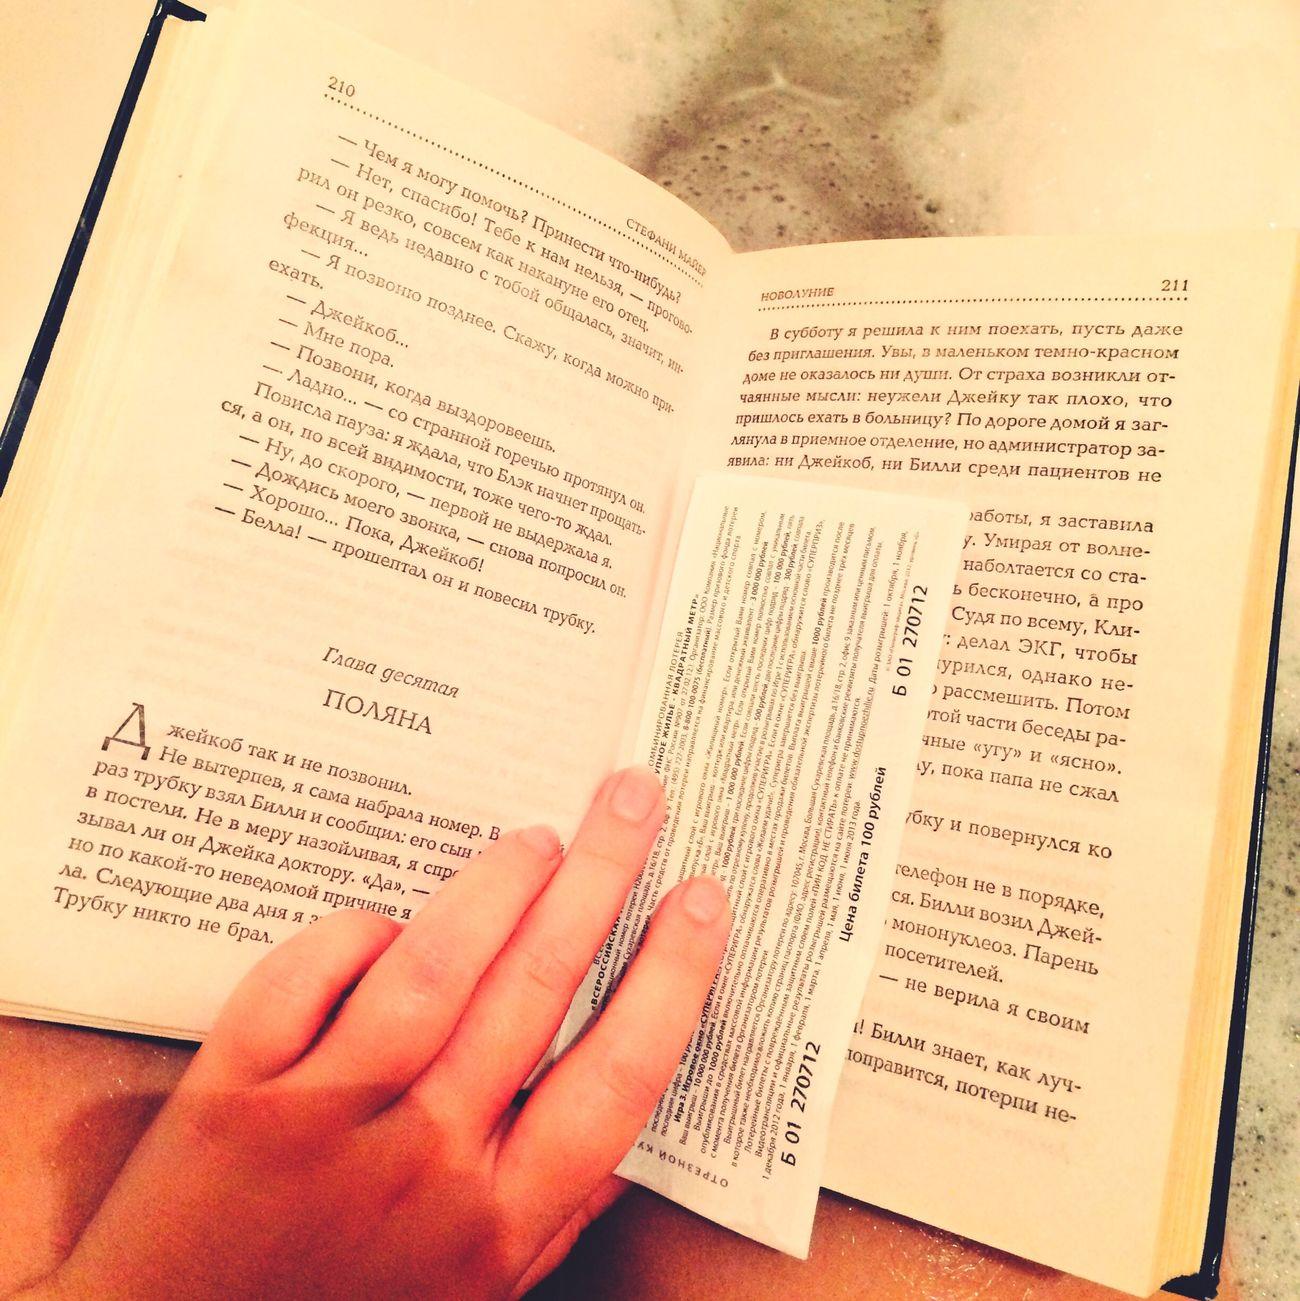 Приятно расслабится и почитать книгу после тяжелой недели?✨ Relaxing